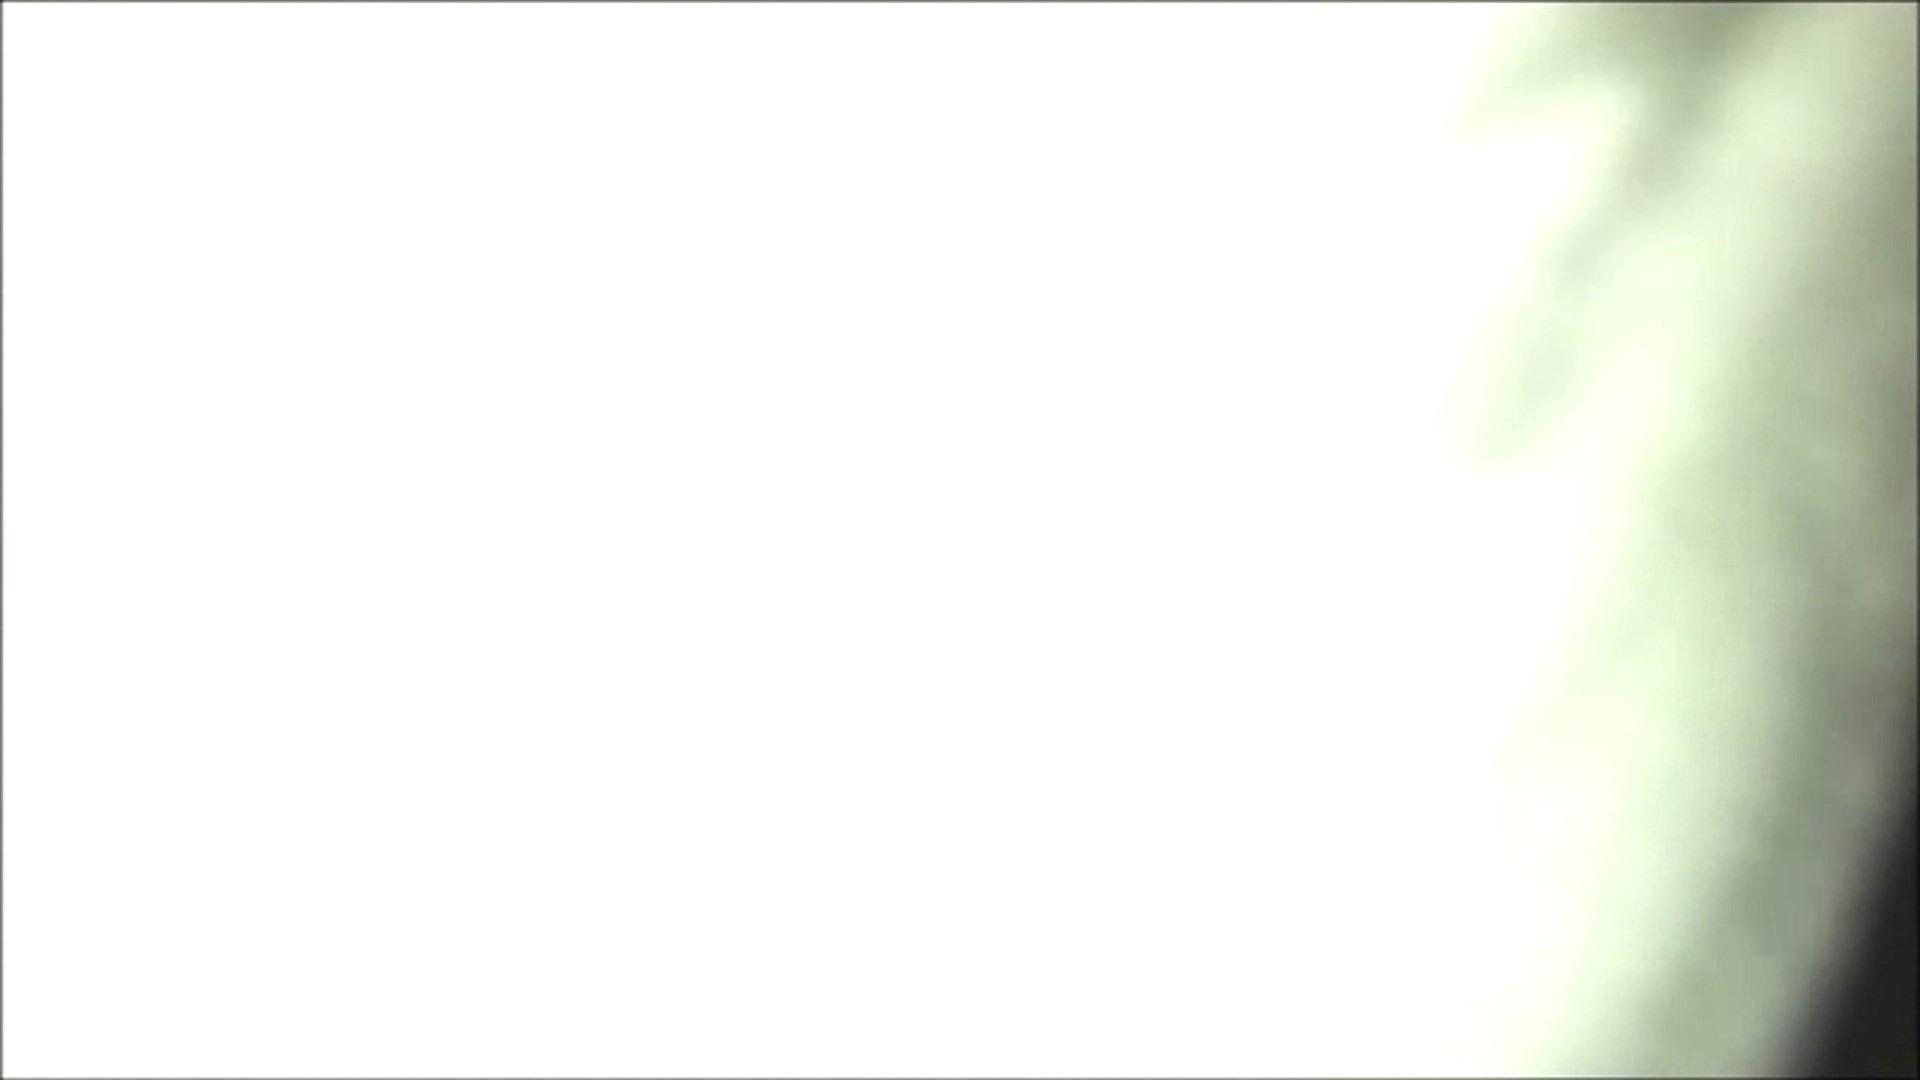 魔術師の お・も・て・な・し vol.18 23歳とネットカフェで合体 ワルノリ | 悪戯  89画像 4